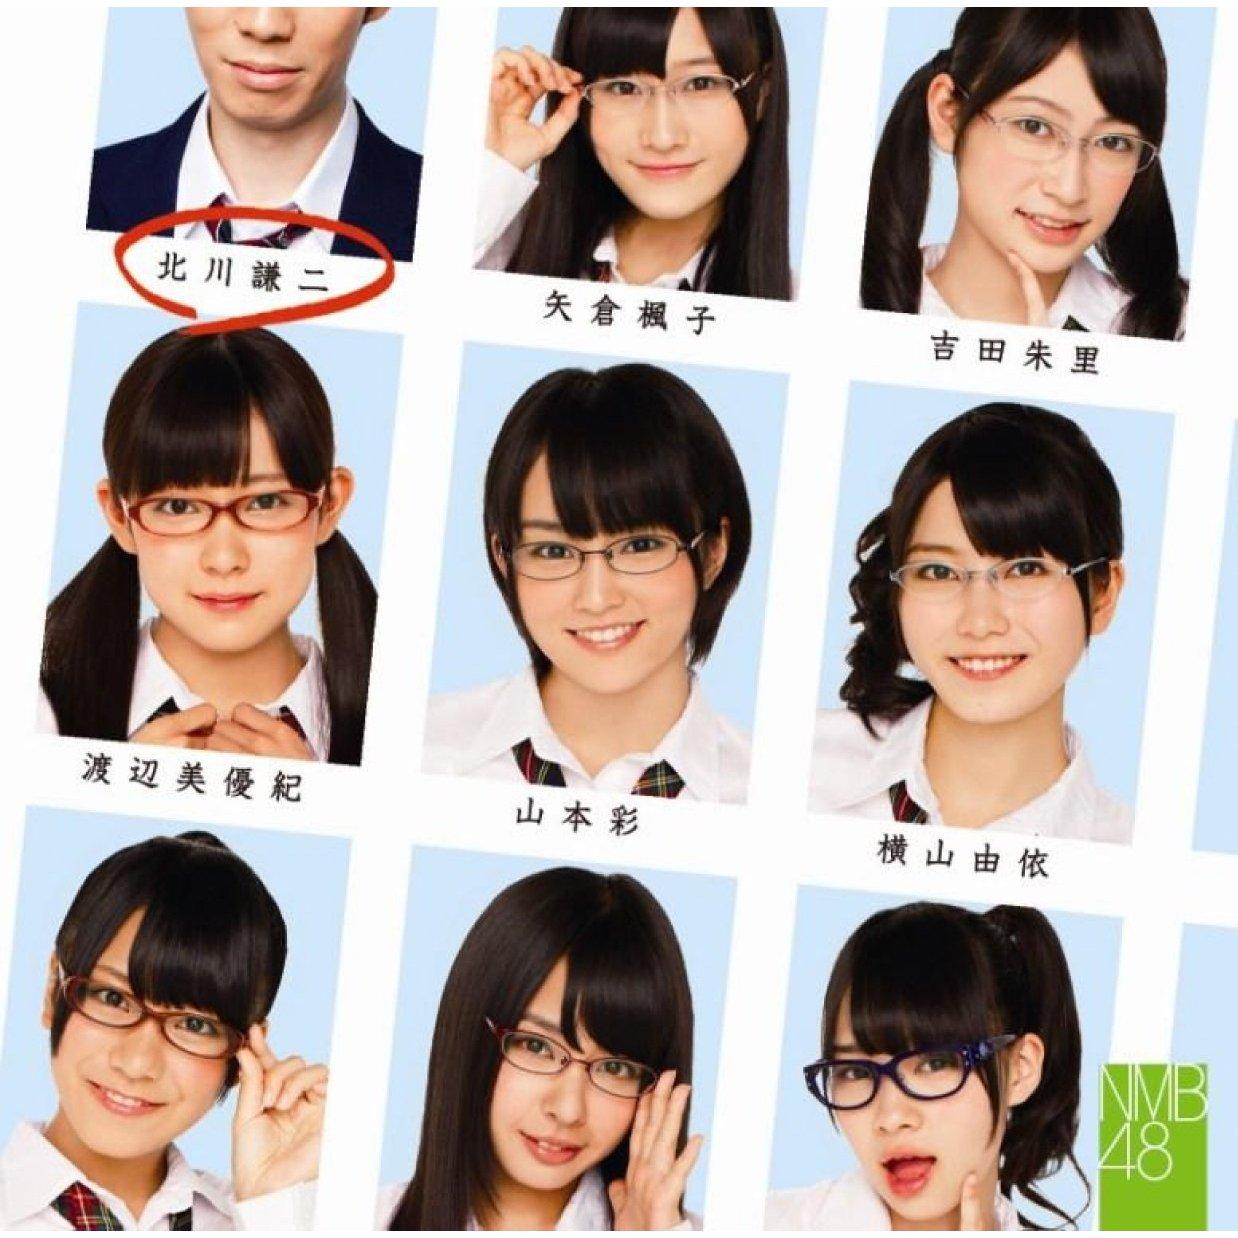 NMB48の画像 p1_31